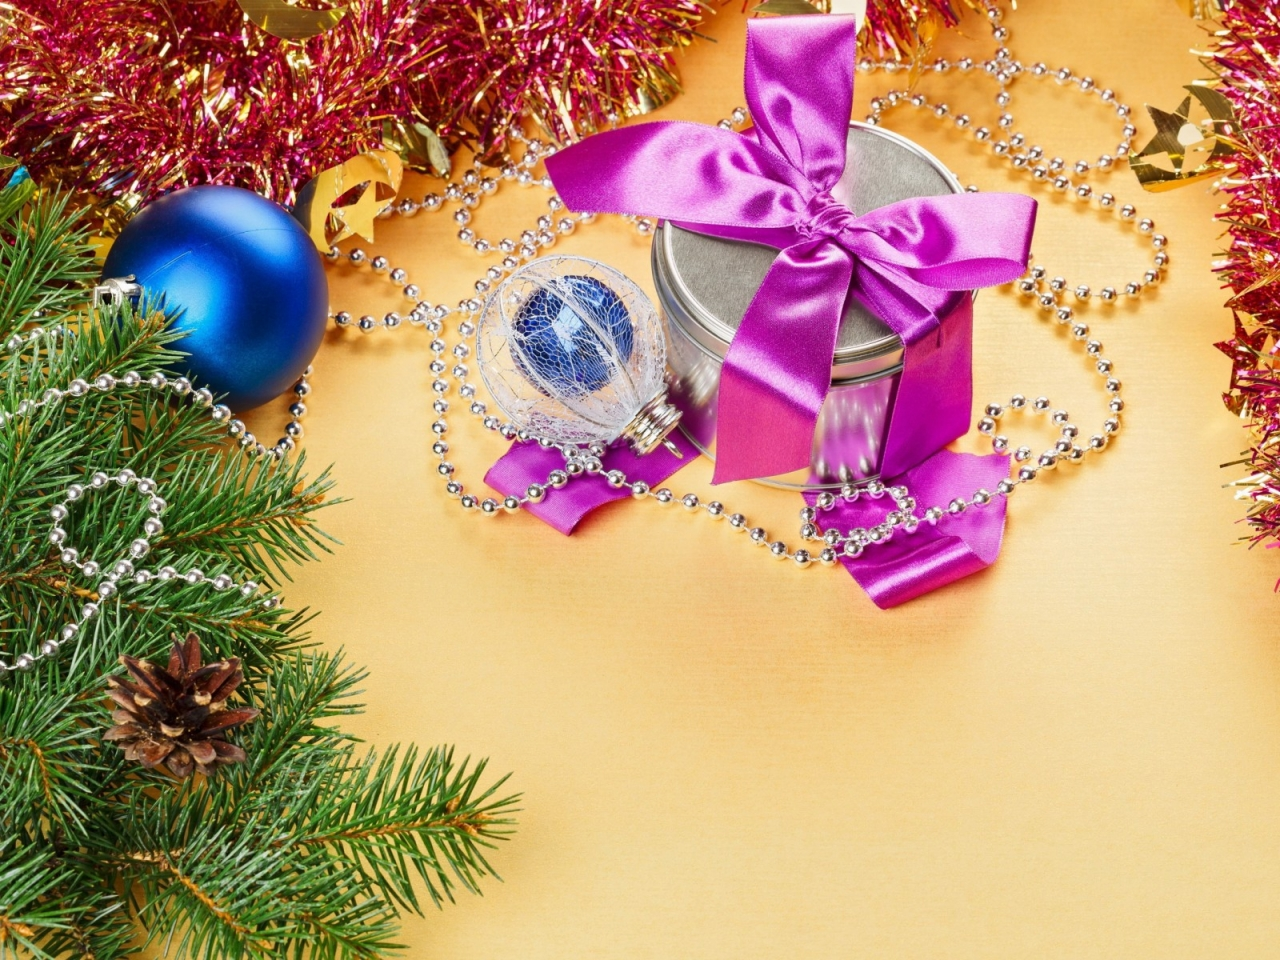 Decoración para árbol de navidad - 1280x960